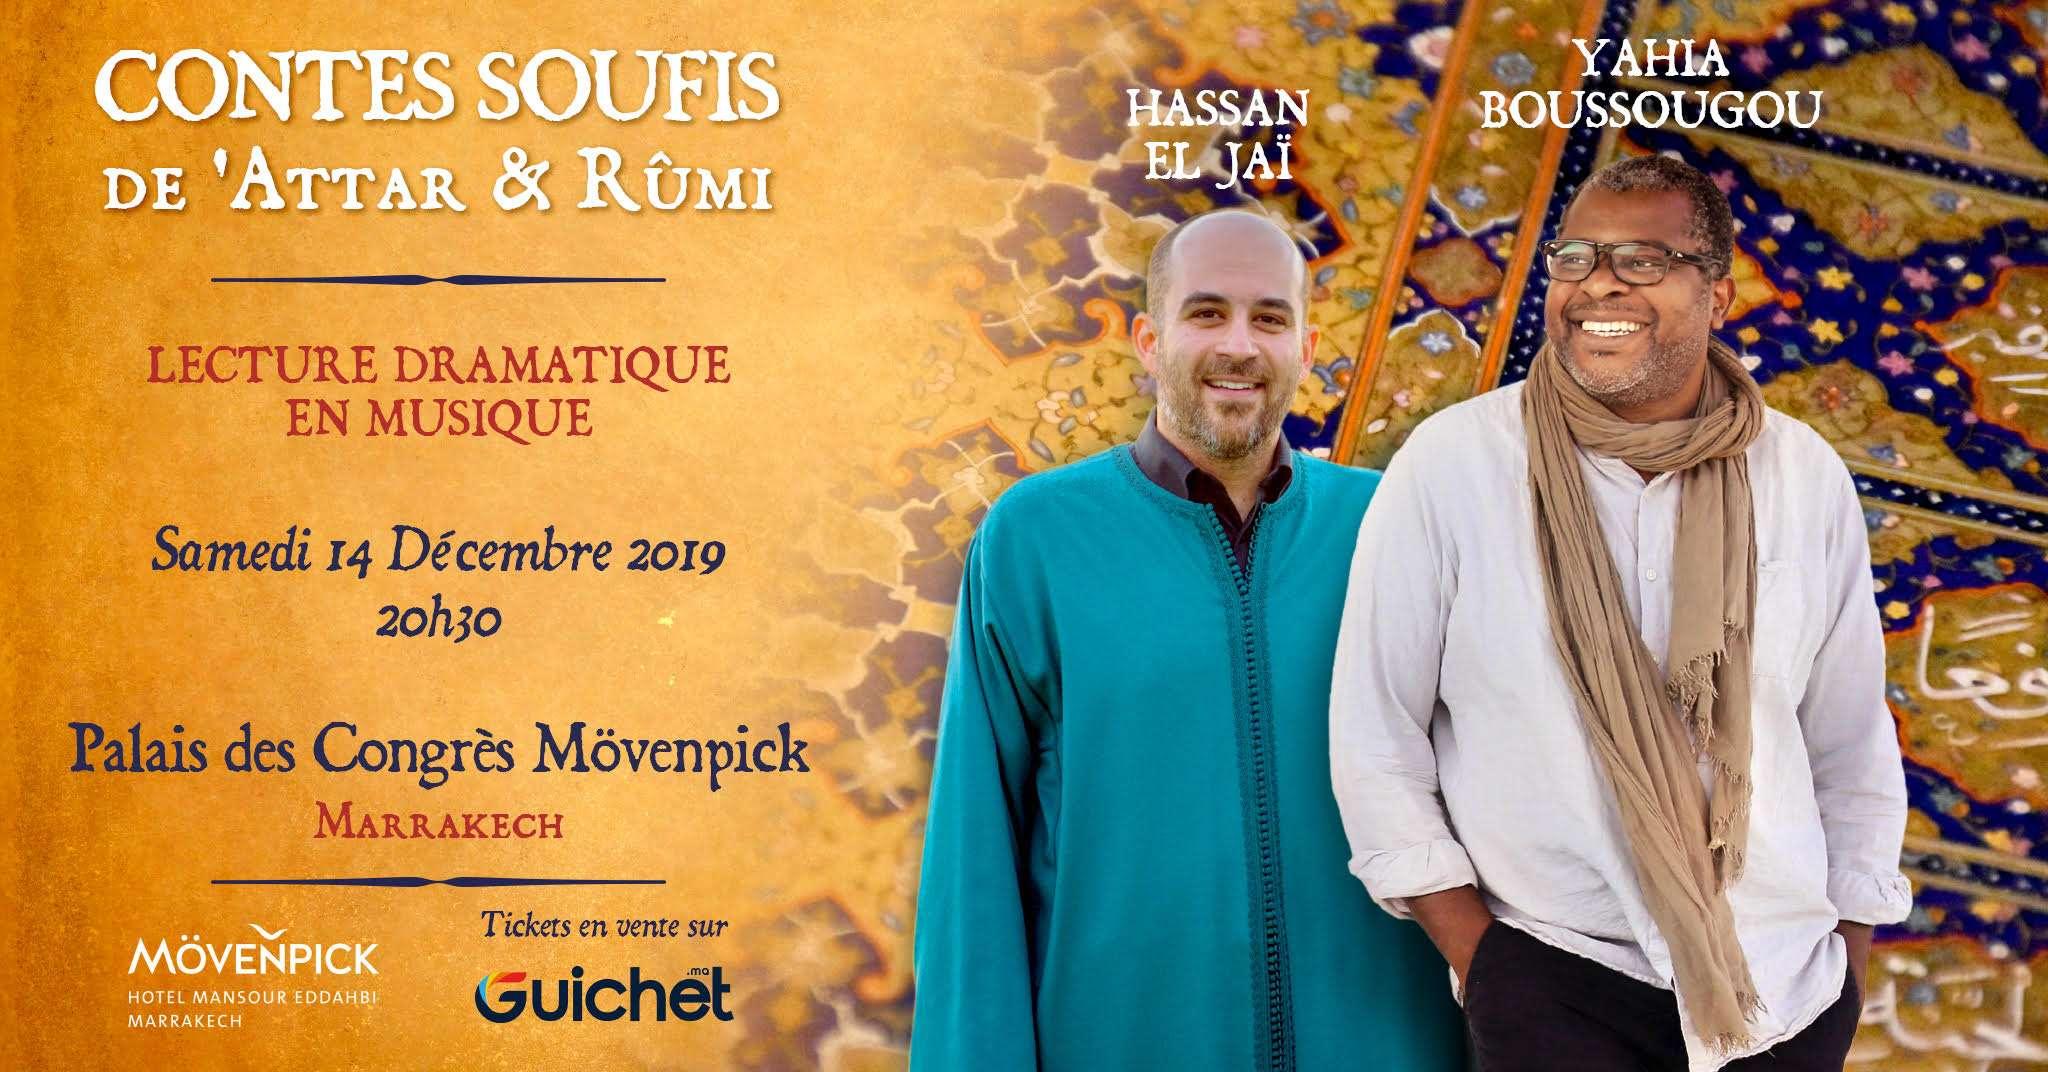 Spectacle De Hassan El Jai Au Palais Des Congres By Movenpick Contes Soufis De Attar Rumi La Tribune